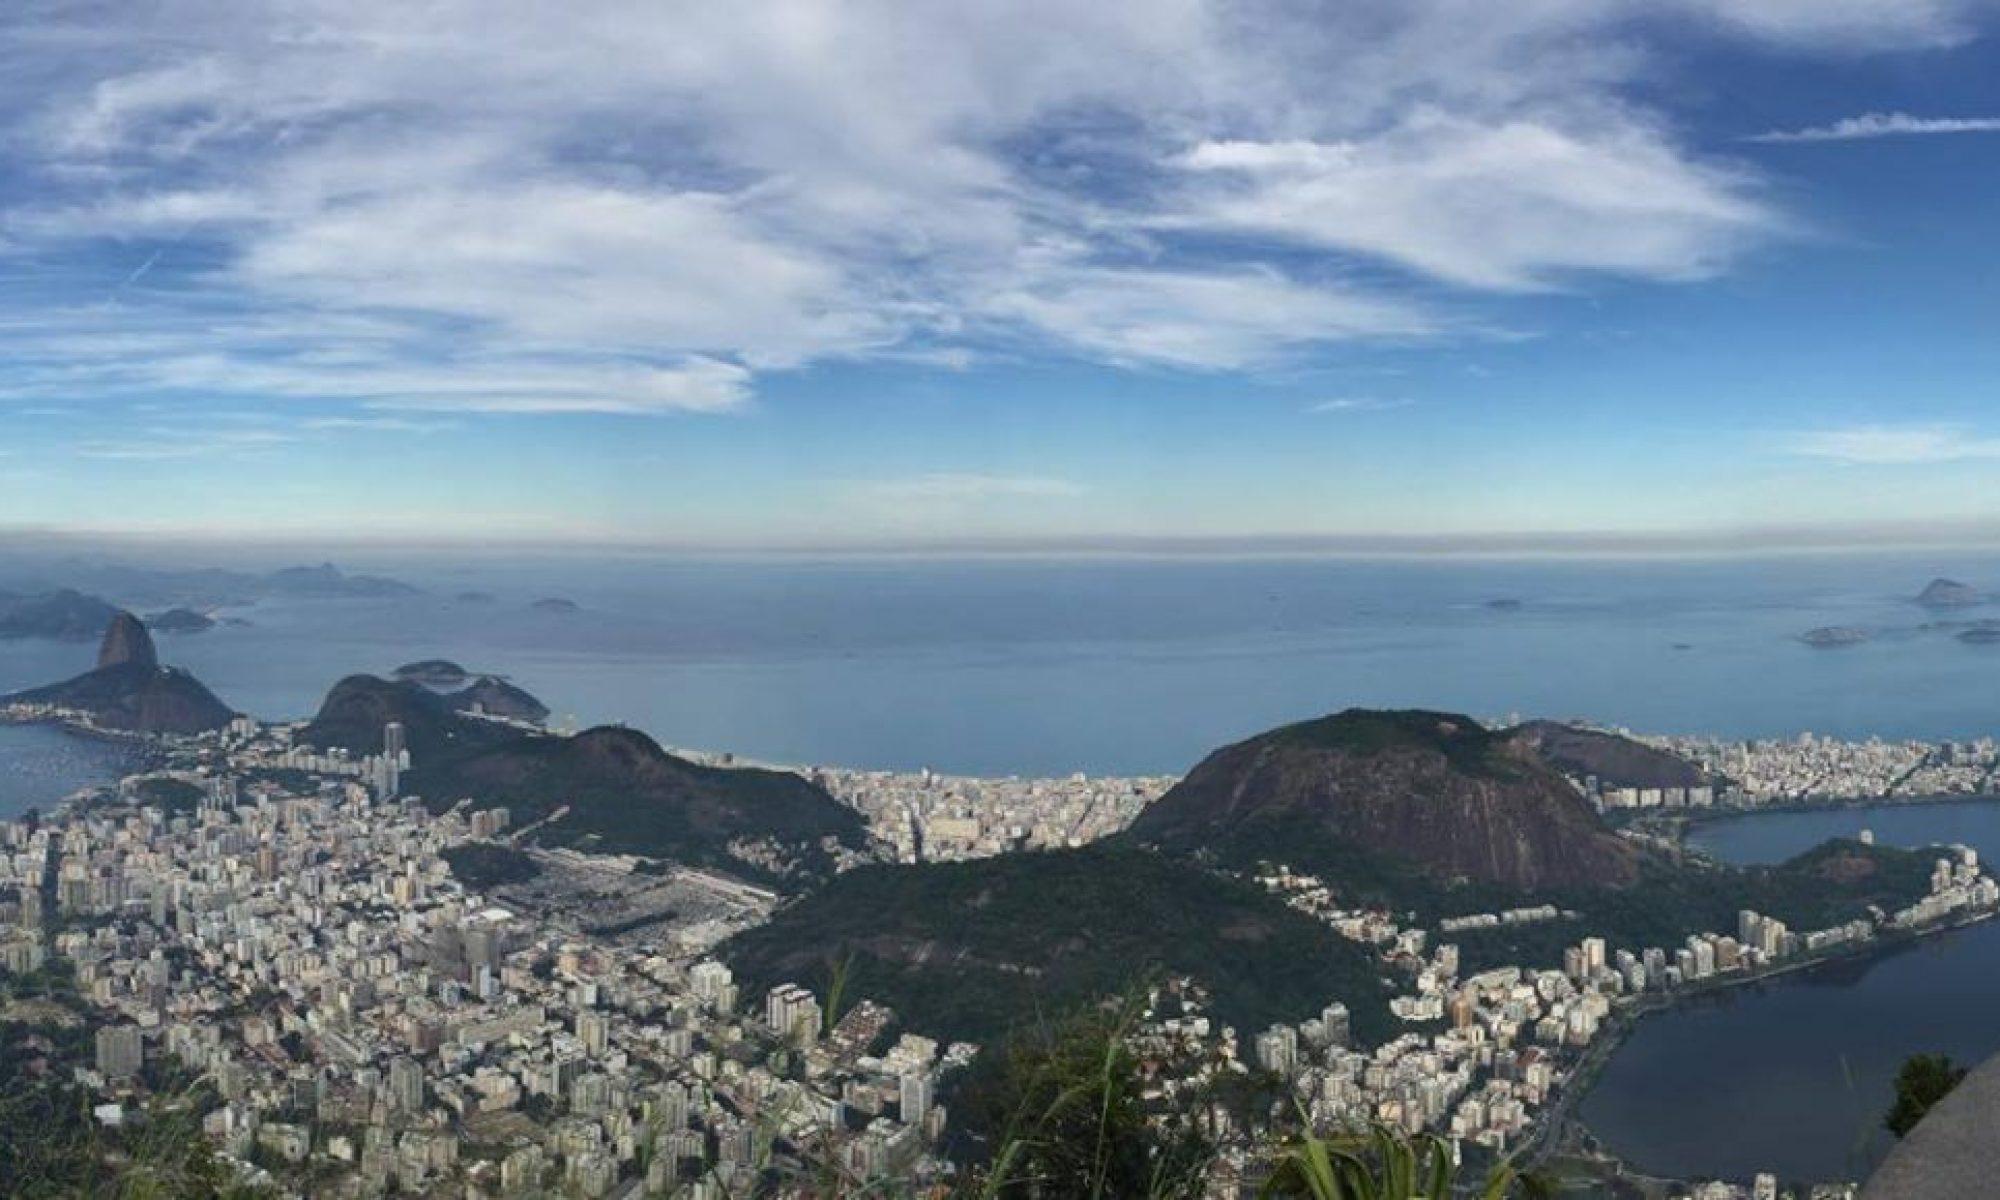 Inequality in Brazil